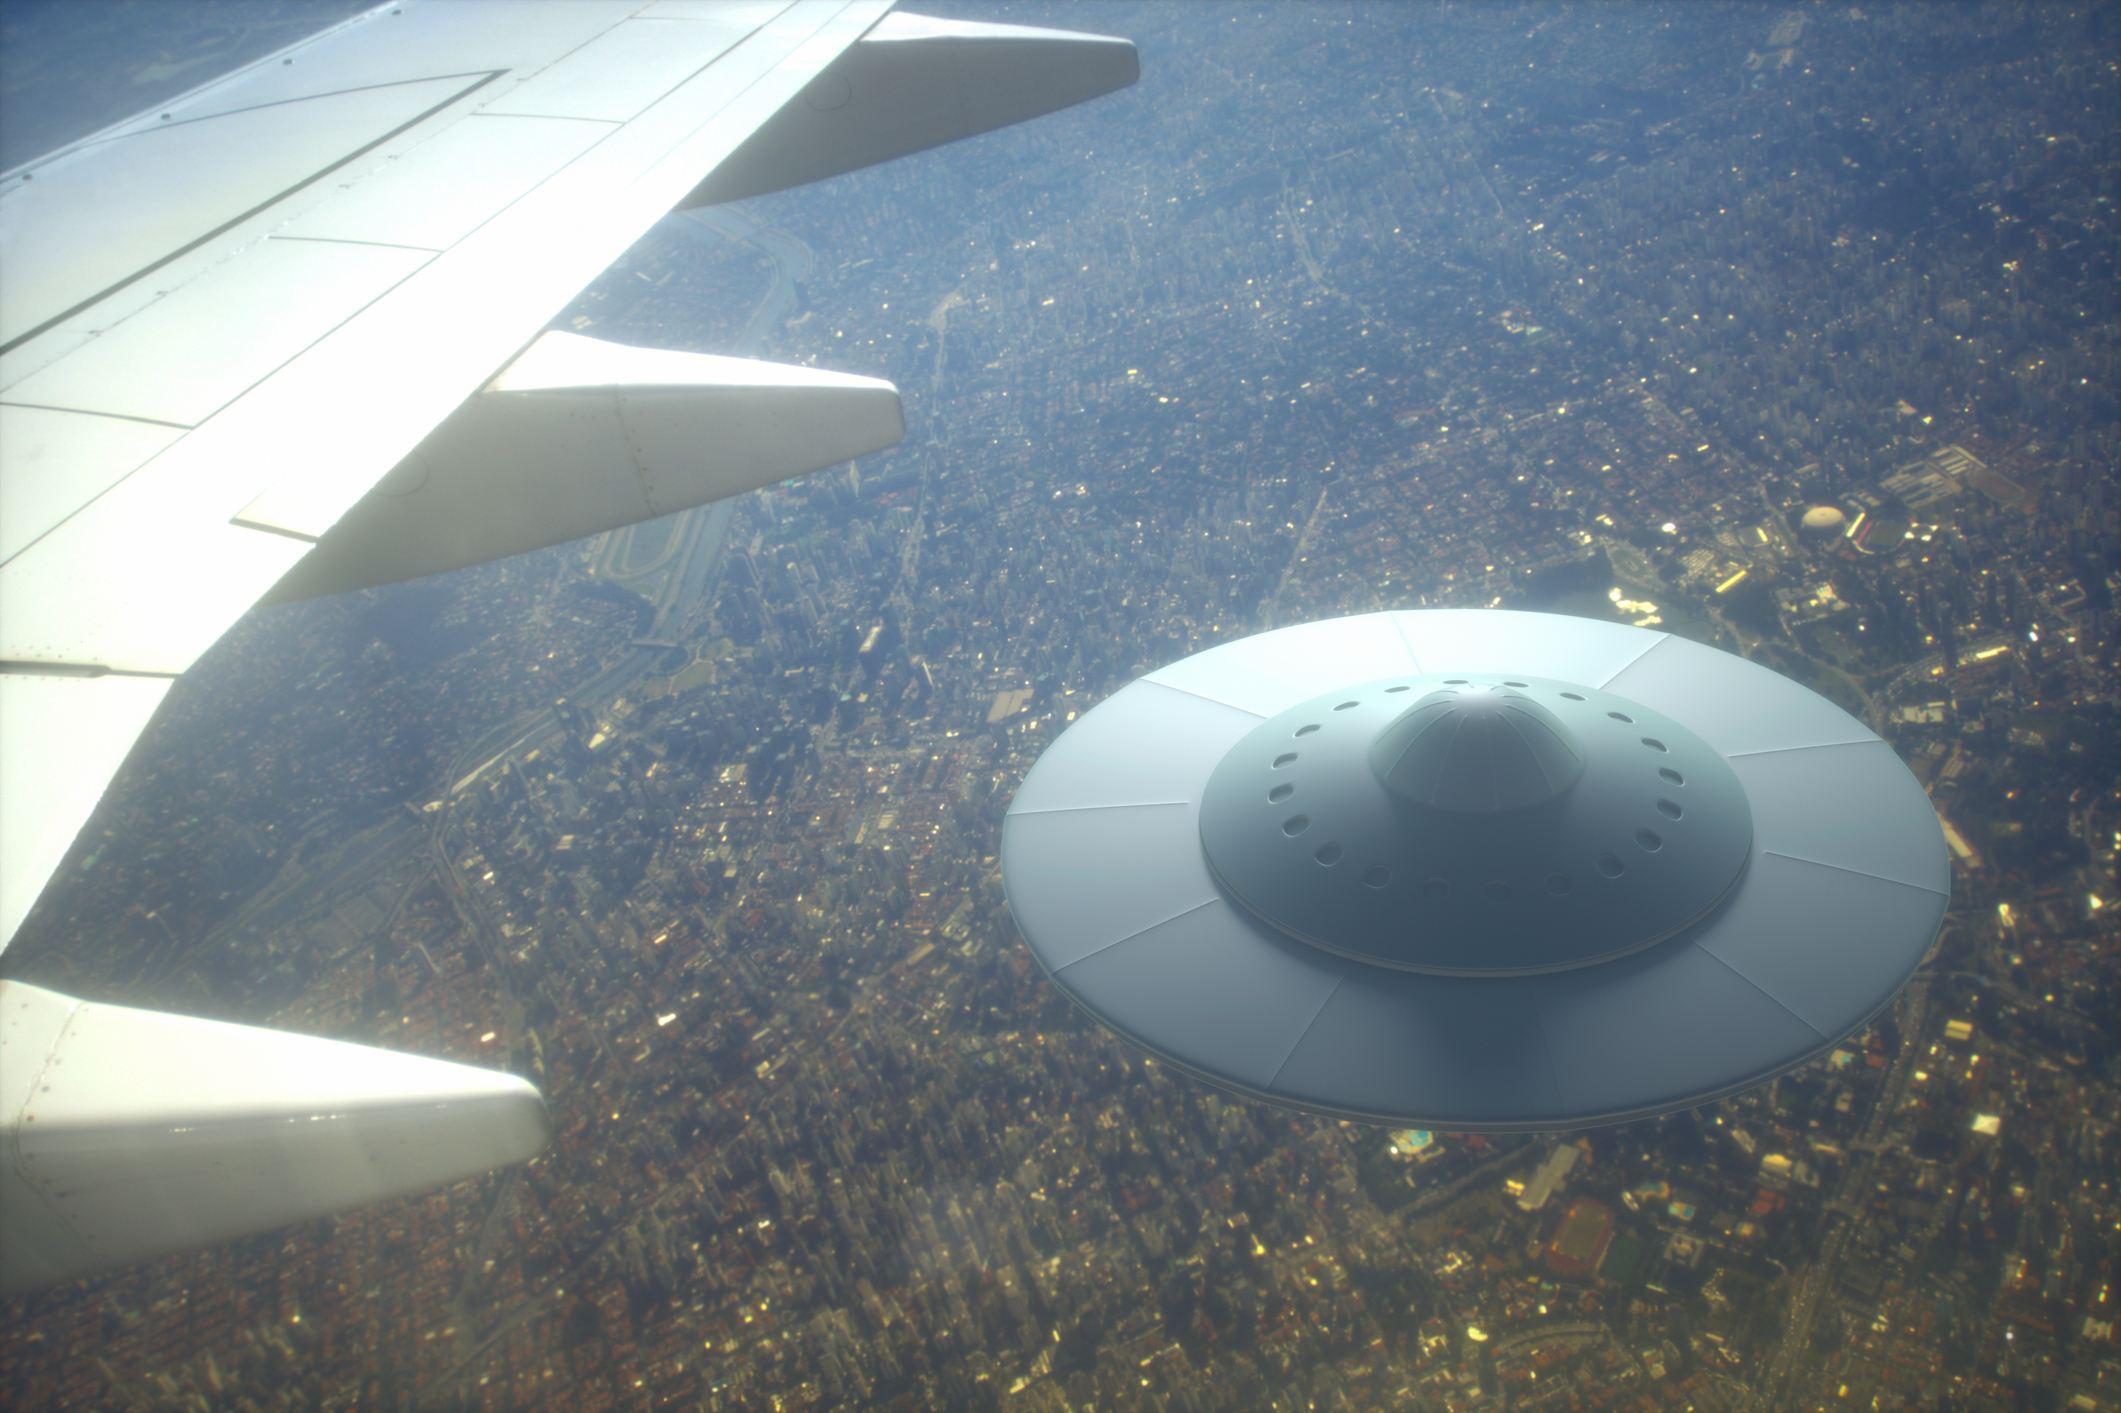 UFO flying below plane's wing